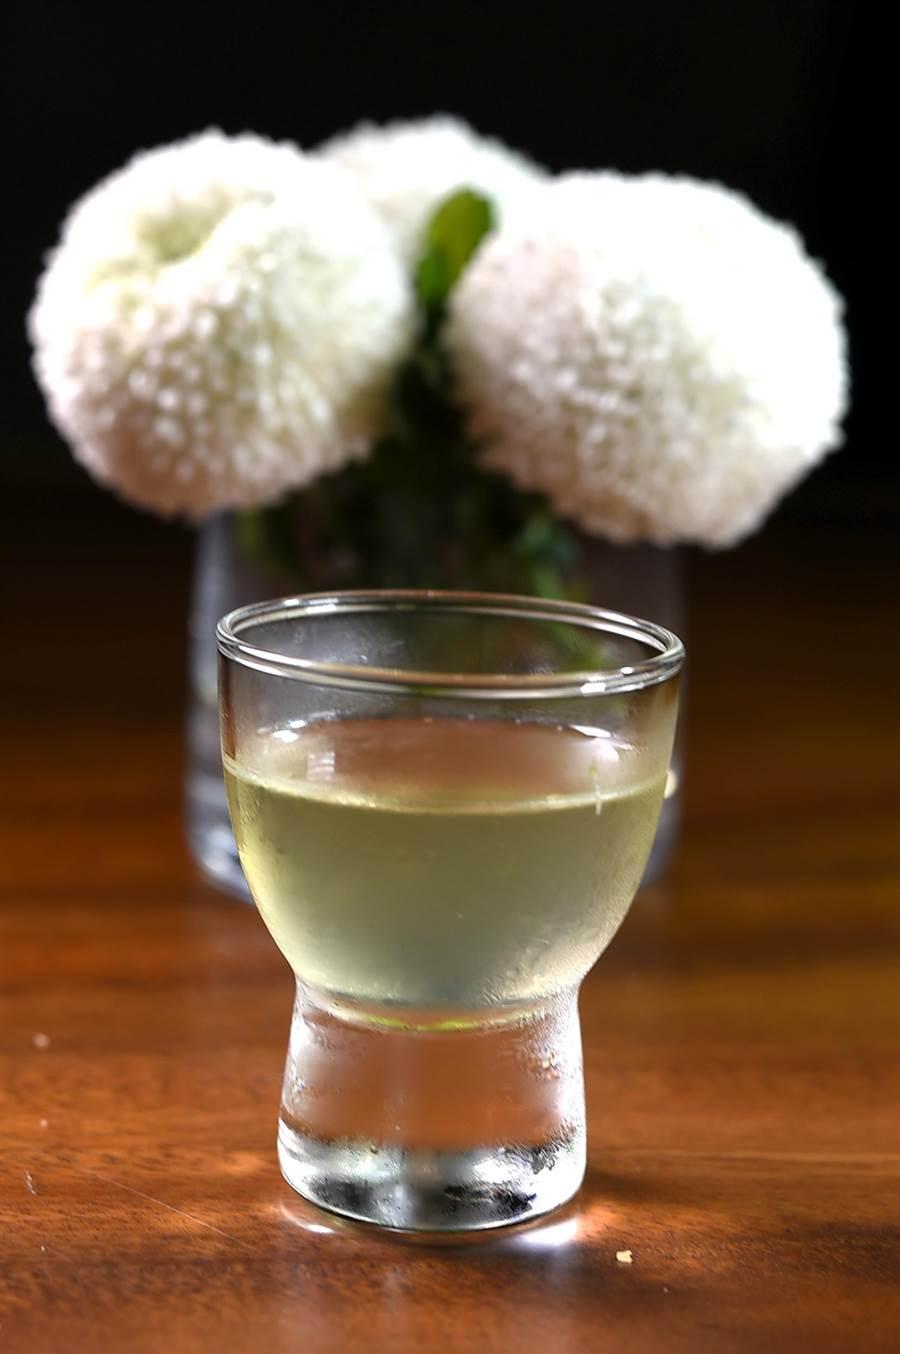 〈Podium〉的〈PERSEUS帕修斯全雞宴〉的清口飲,是用民雄金鑽鳳梨冰滴萃取的鳳梨汁,標榜一顆鳳梨只能萃取6小杯。(圖/姚舜)